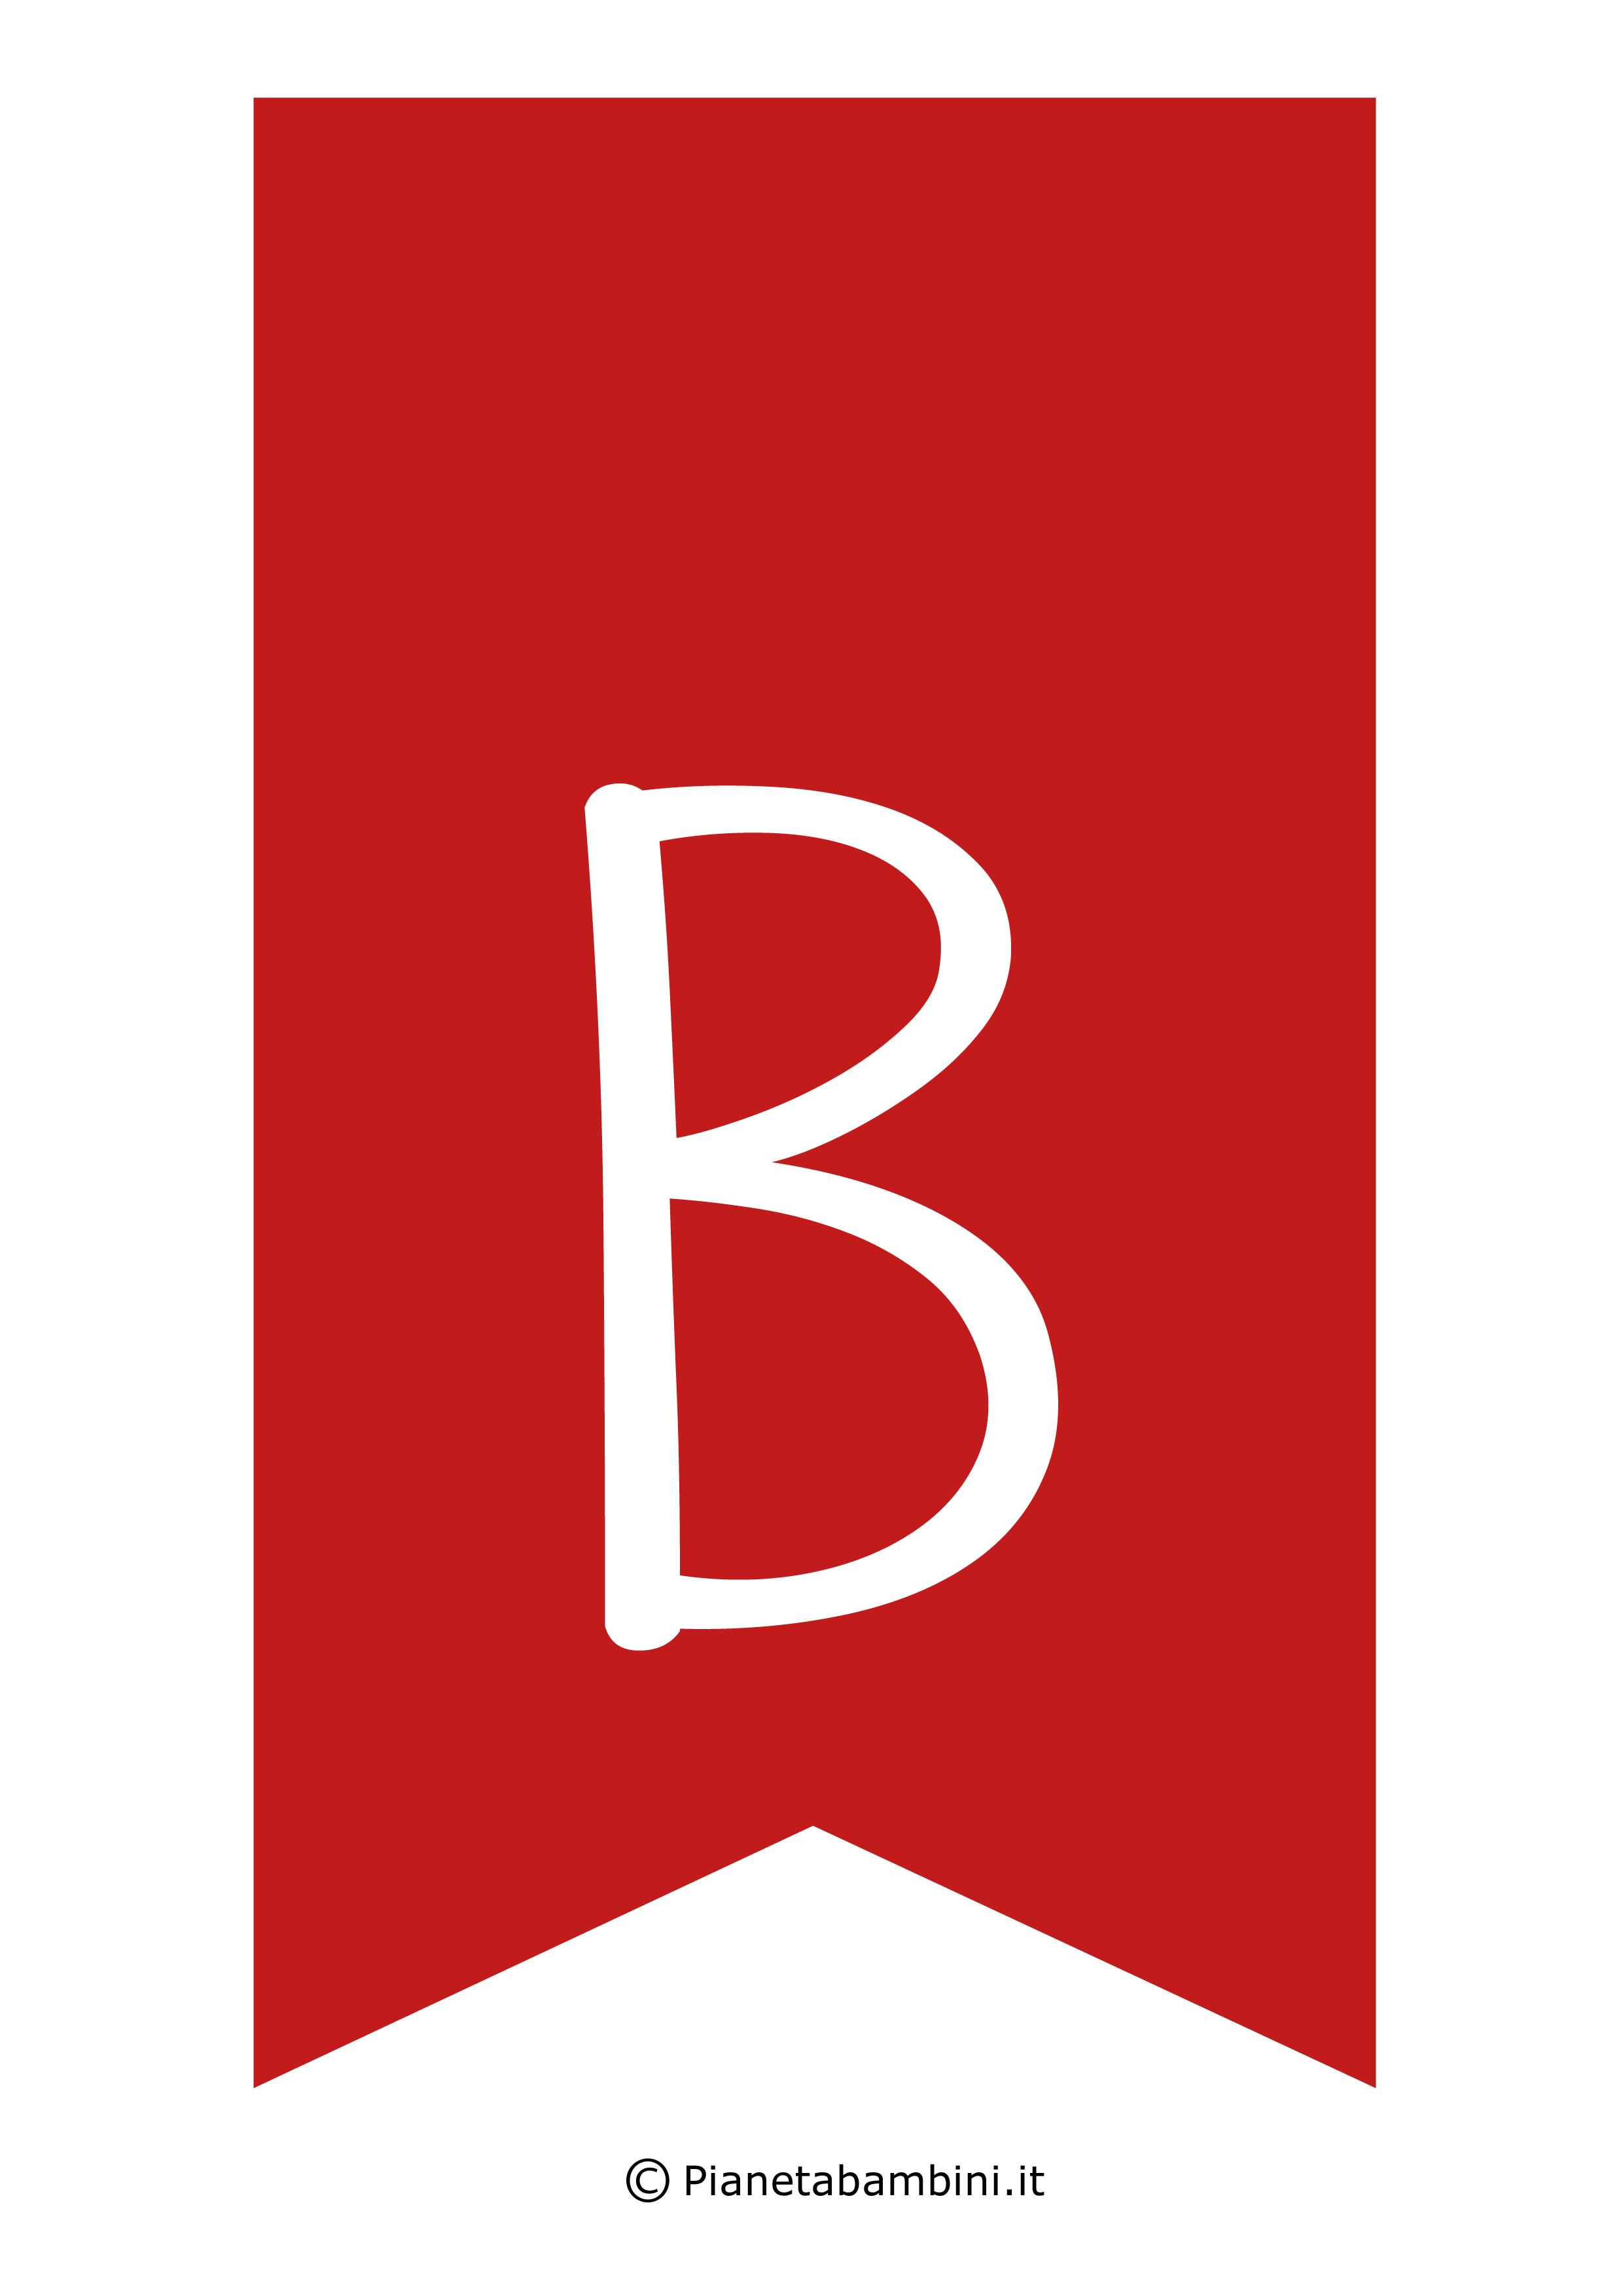 Bandiera_B